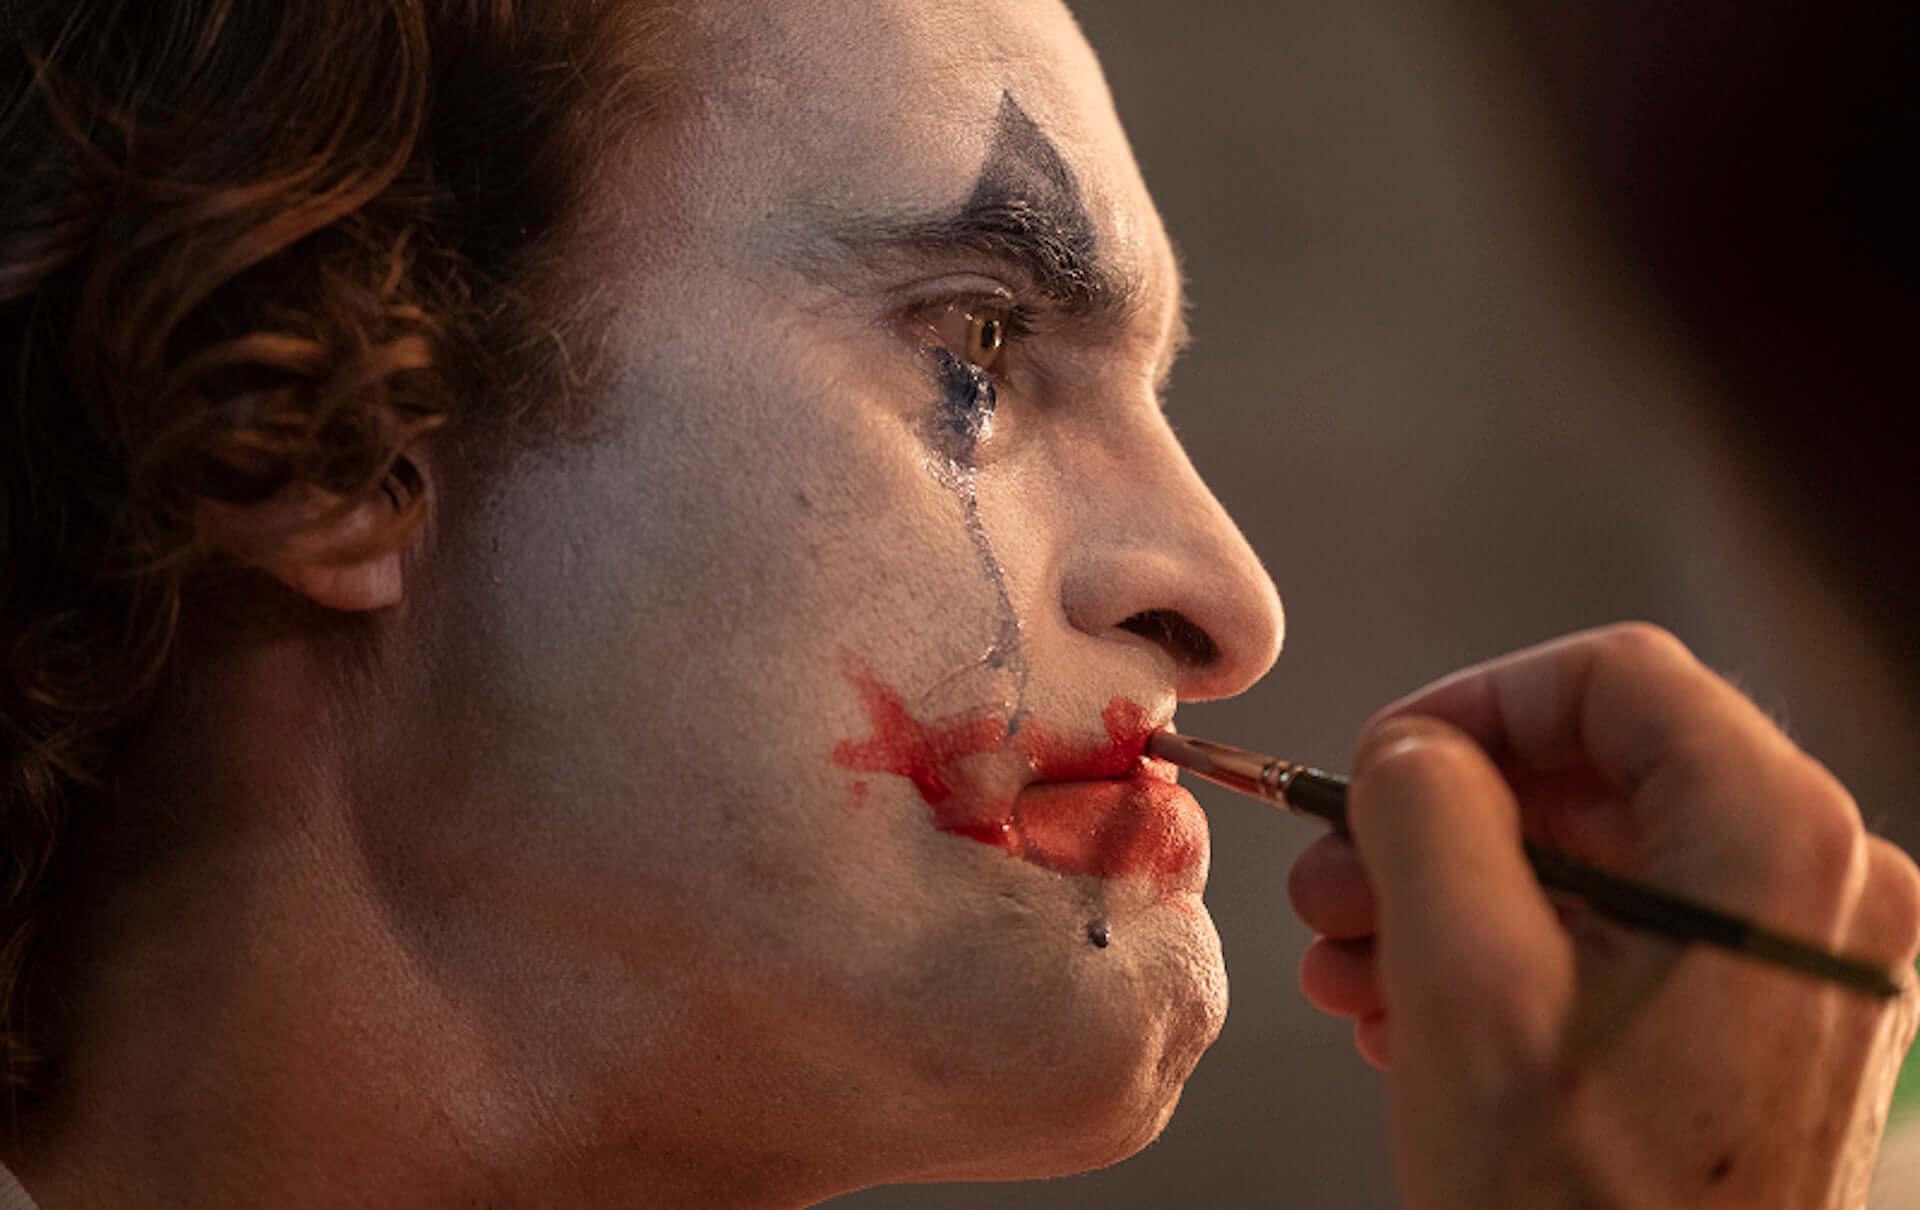 涙するジョーカーの姿に注目|アカデミー賞が確実視される『ジョーカー』の場面写真が公開 film190809_joker_main-1920x1210